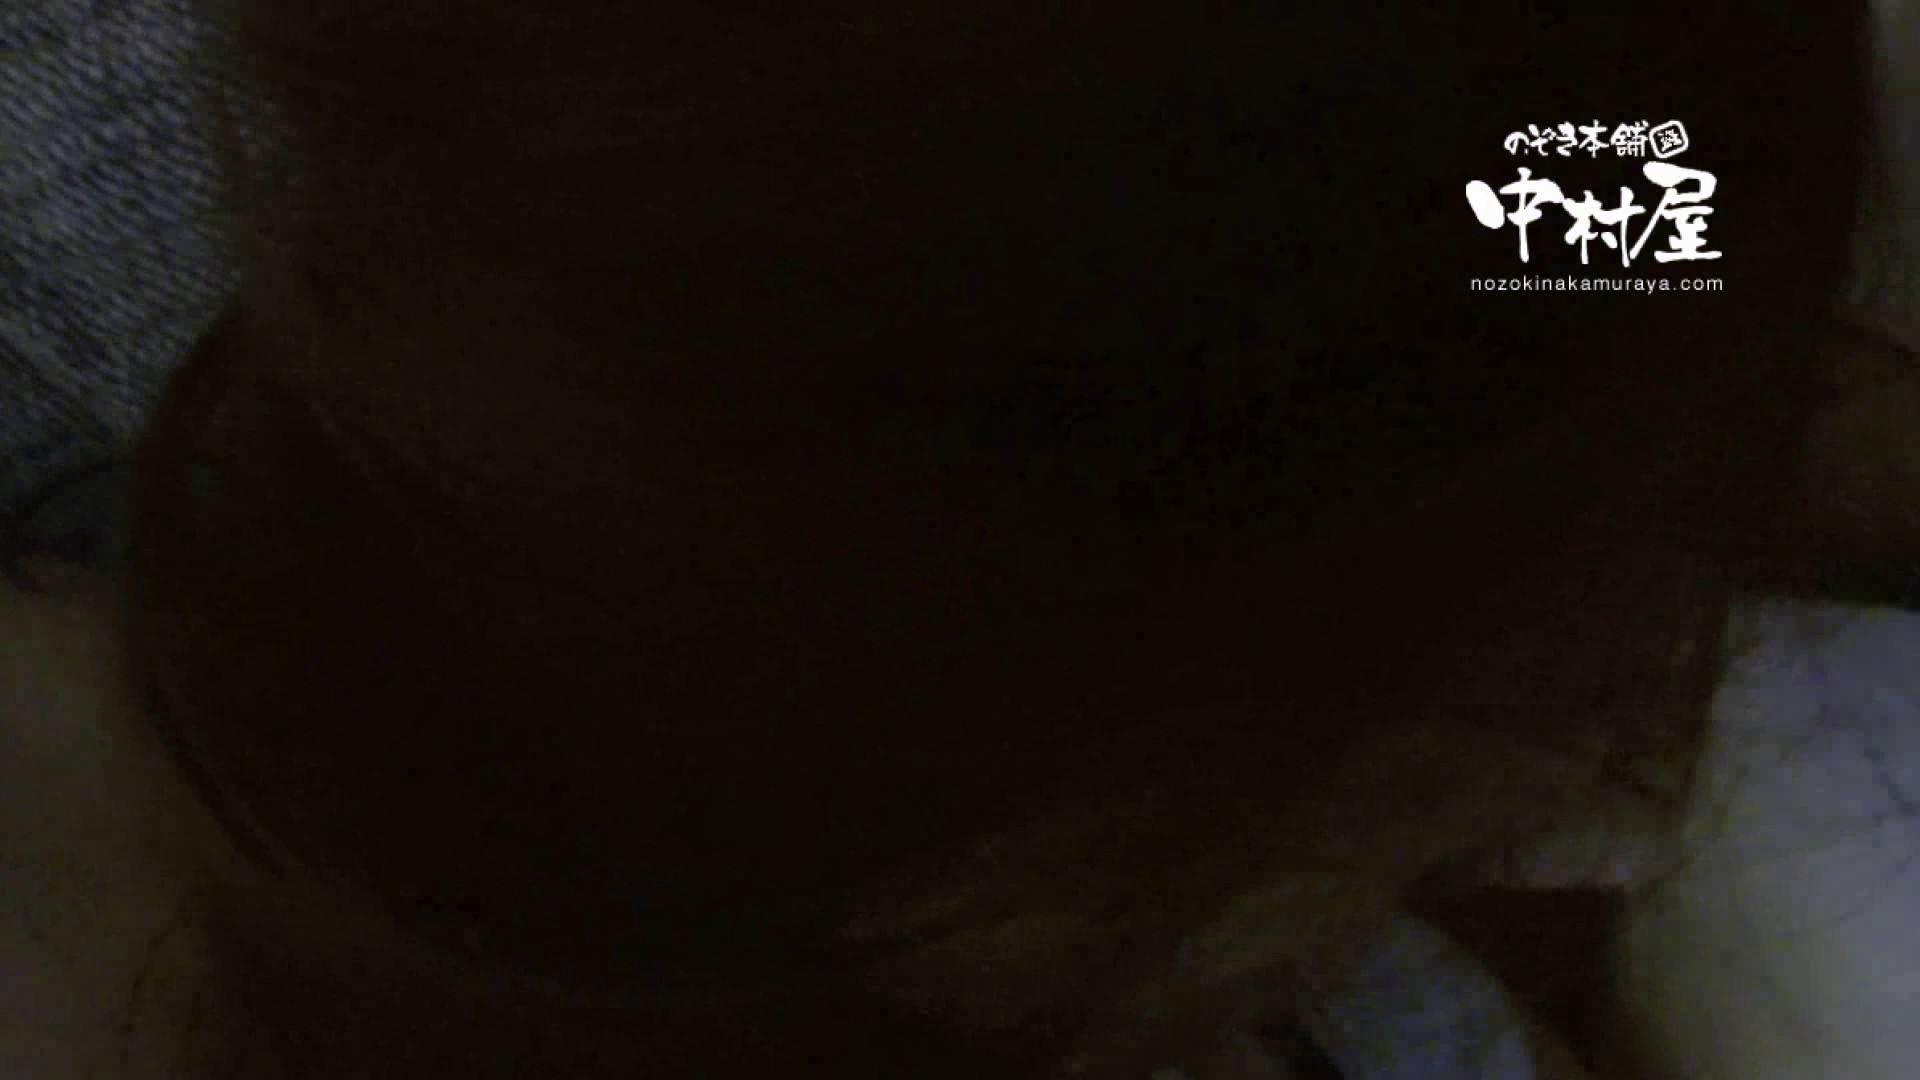 鬼畜 vol.08 極悪!妊娠覚悟の中出し! 後編 エッチなセックス われめAV動画紹介 66画像 11